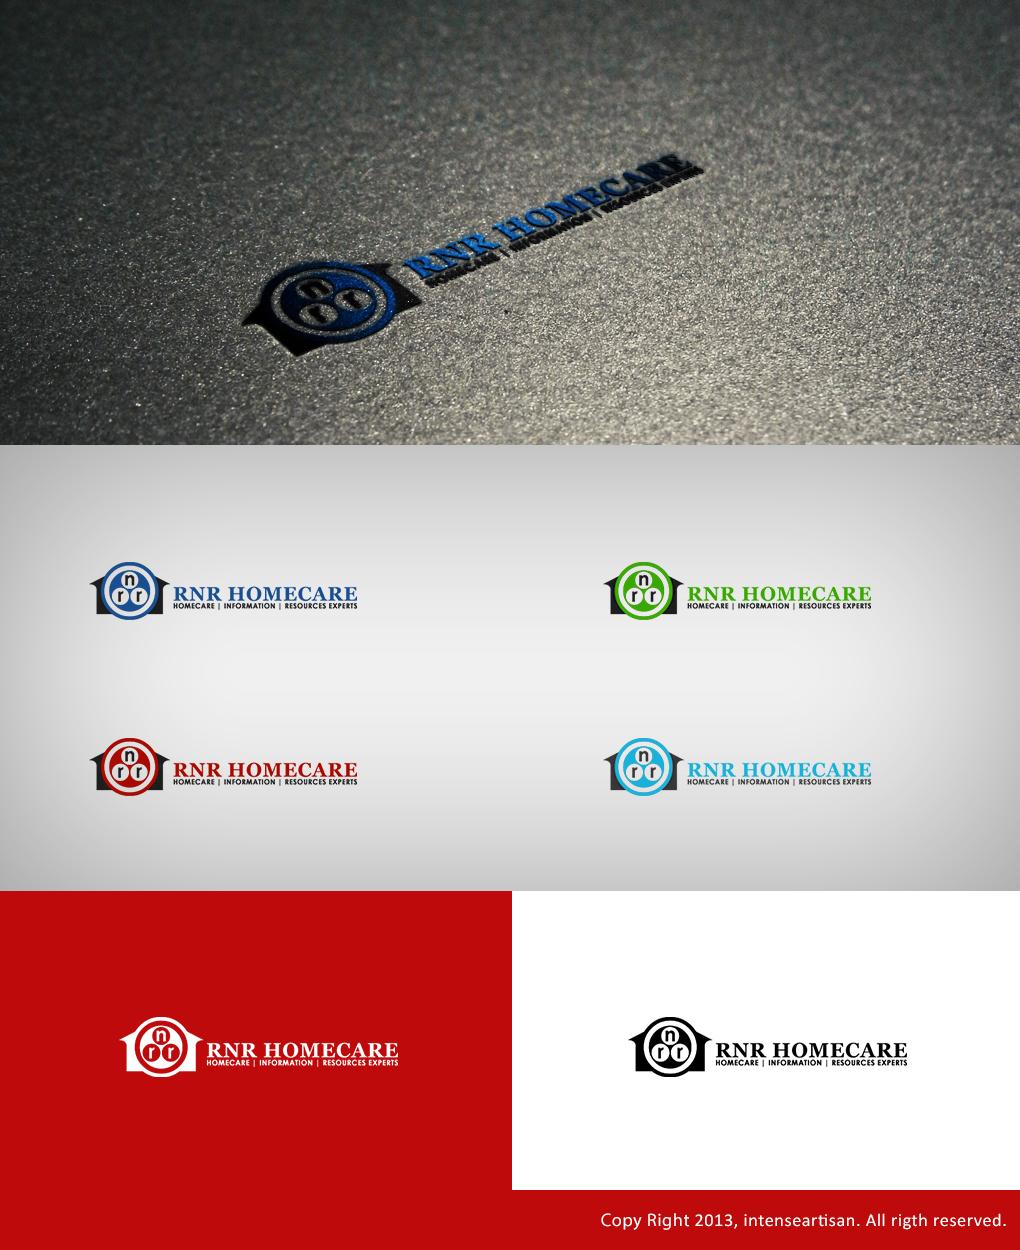 Logo Design by Virgilio Pineda III - Entry No. 164 in the Logo Design Contest Imaginative Logo Design for RNR HomeCare.